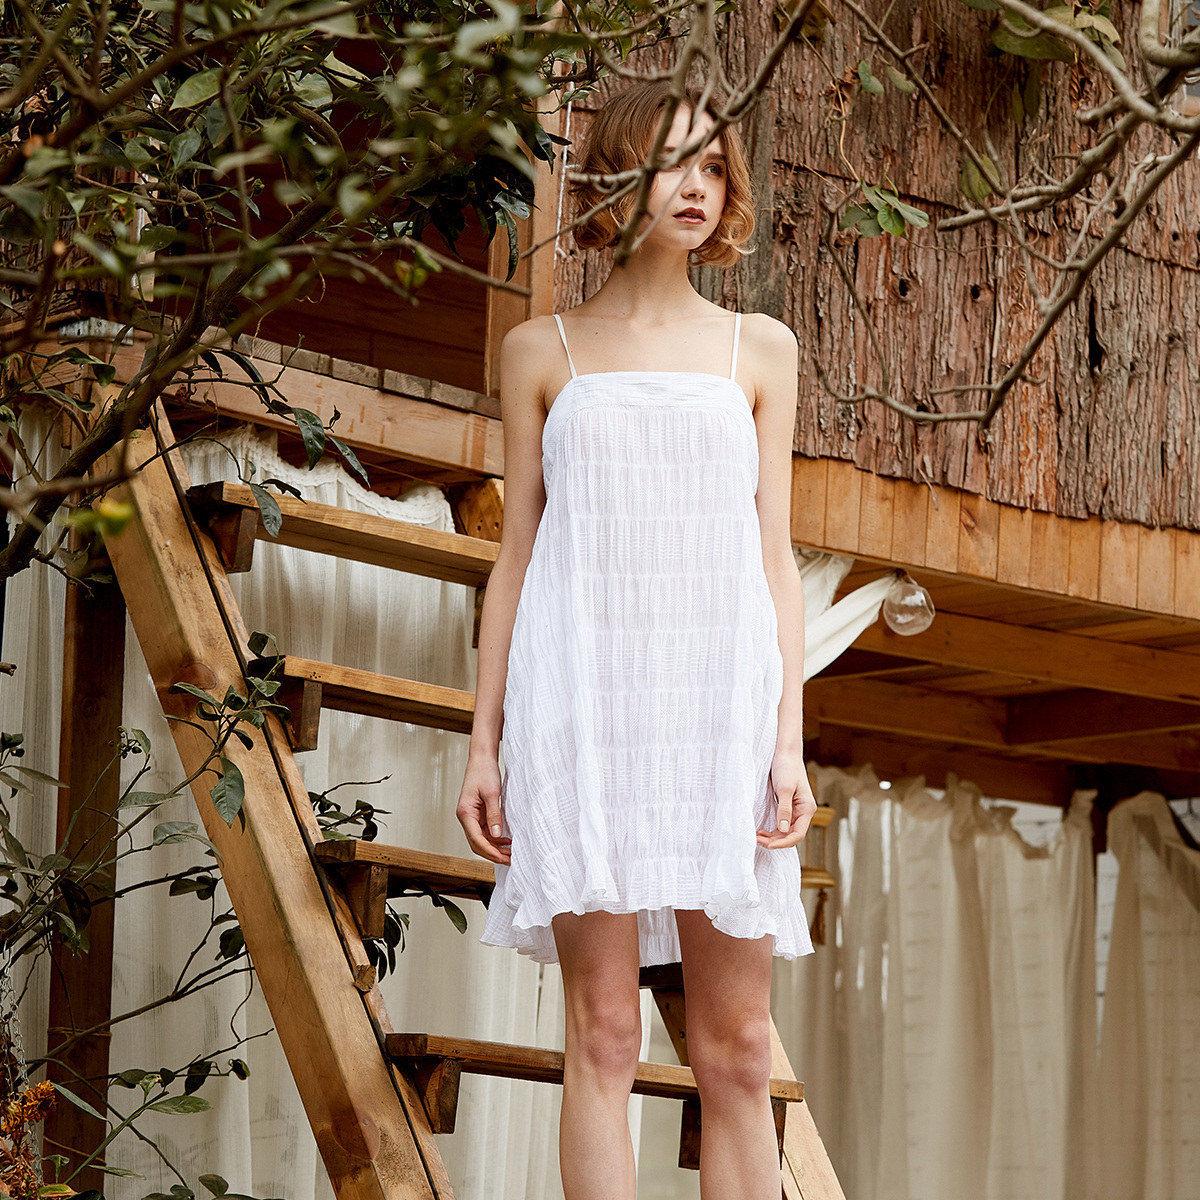 PJM睡裙女夏性感睡衣纯棉女褶皱吊带公主风抹胸度假可外穿连衣裙